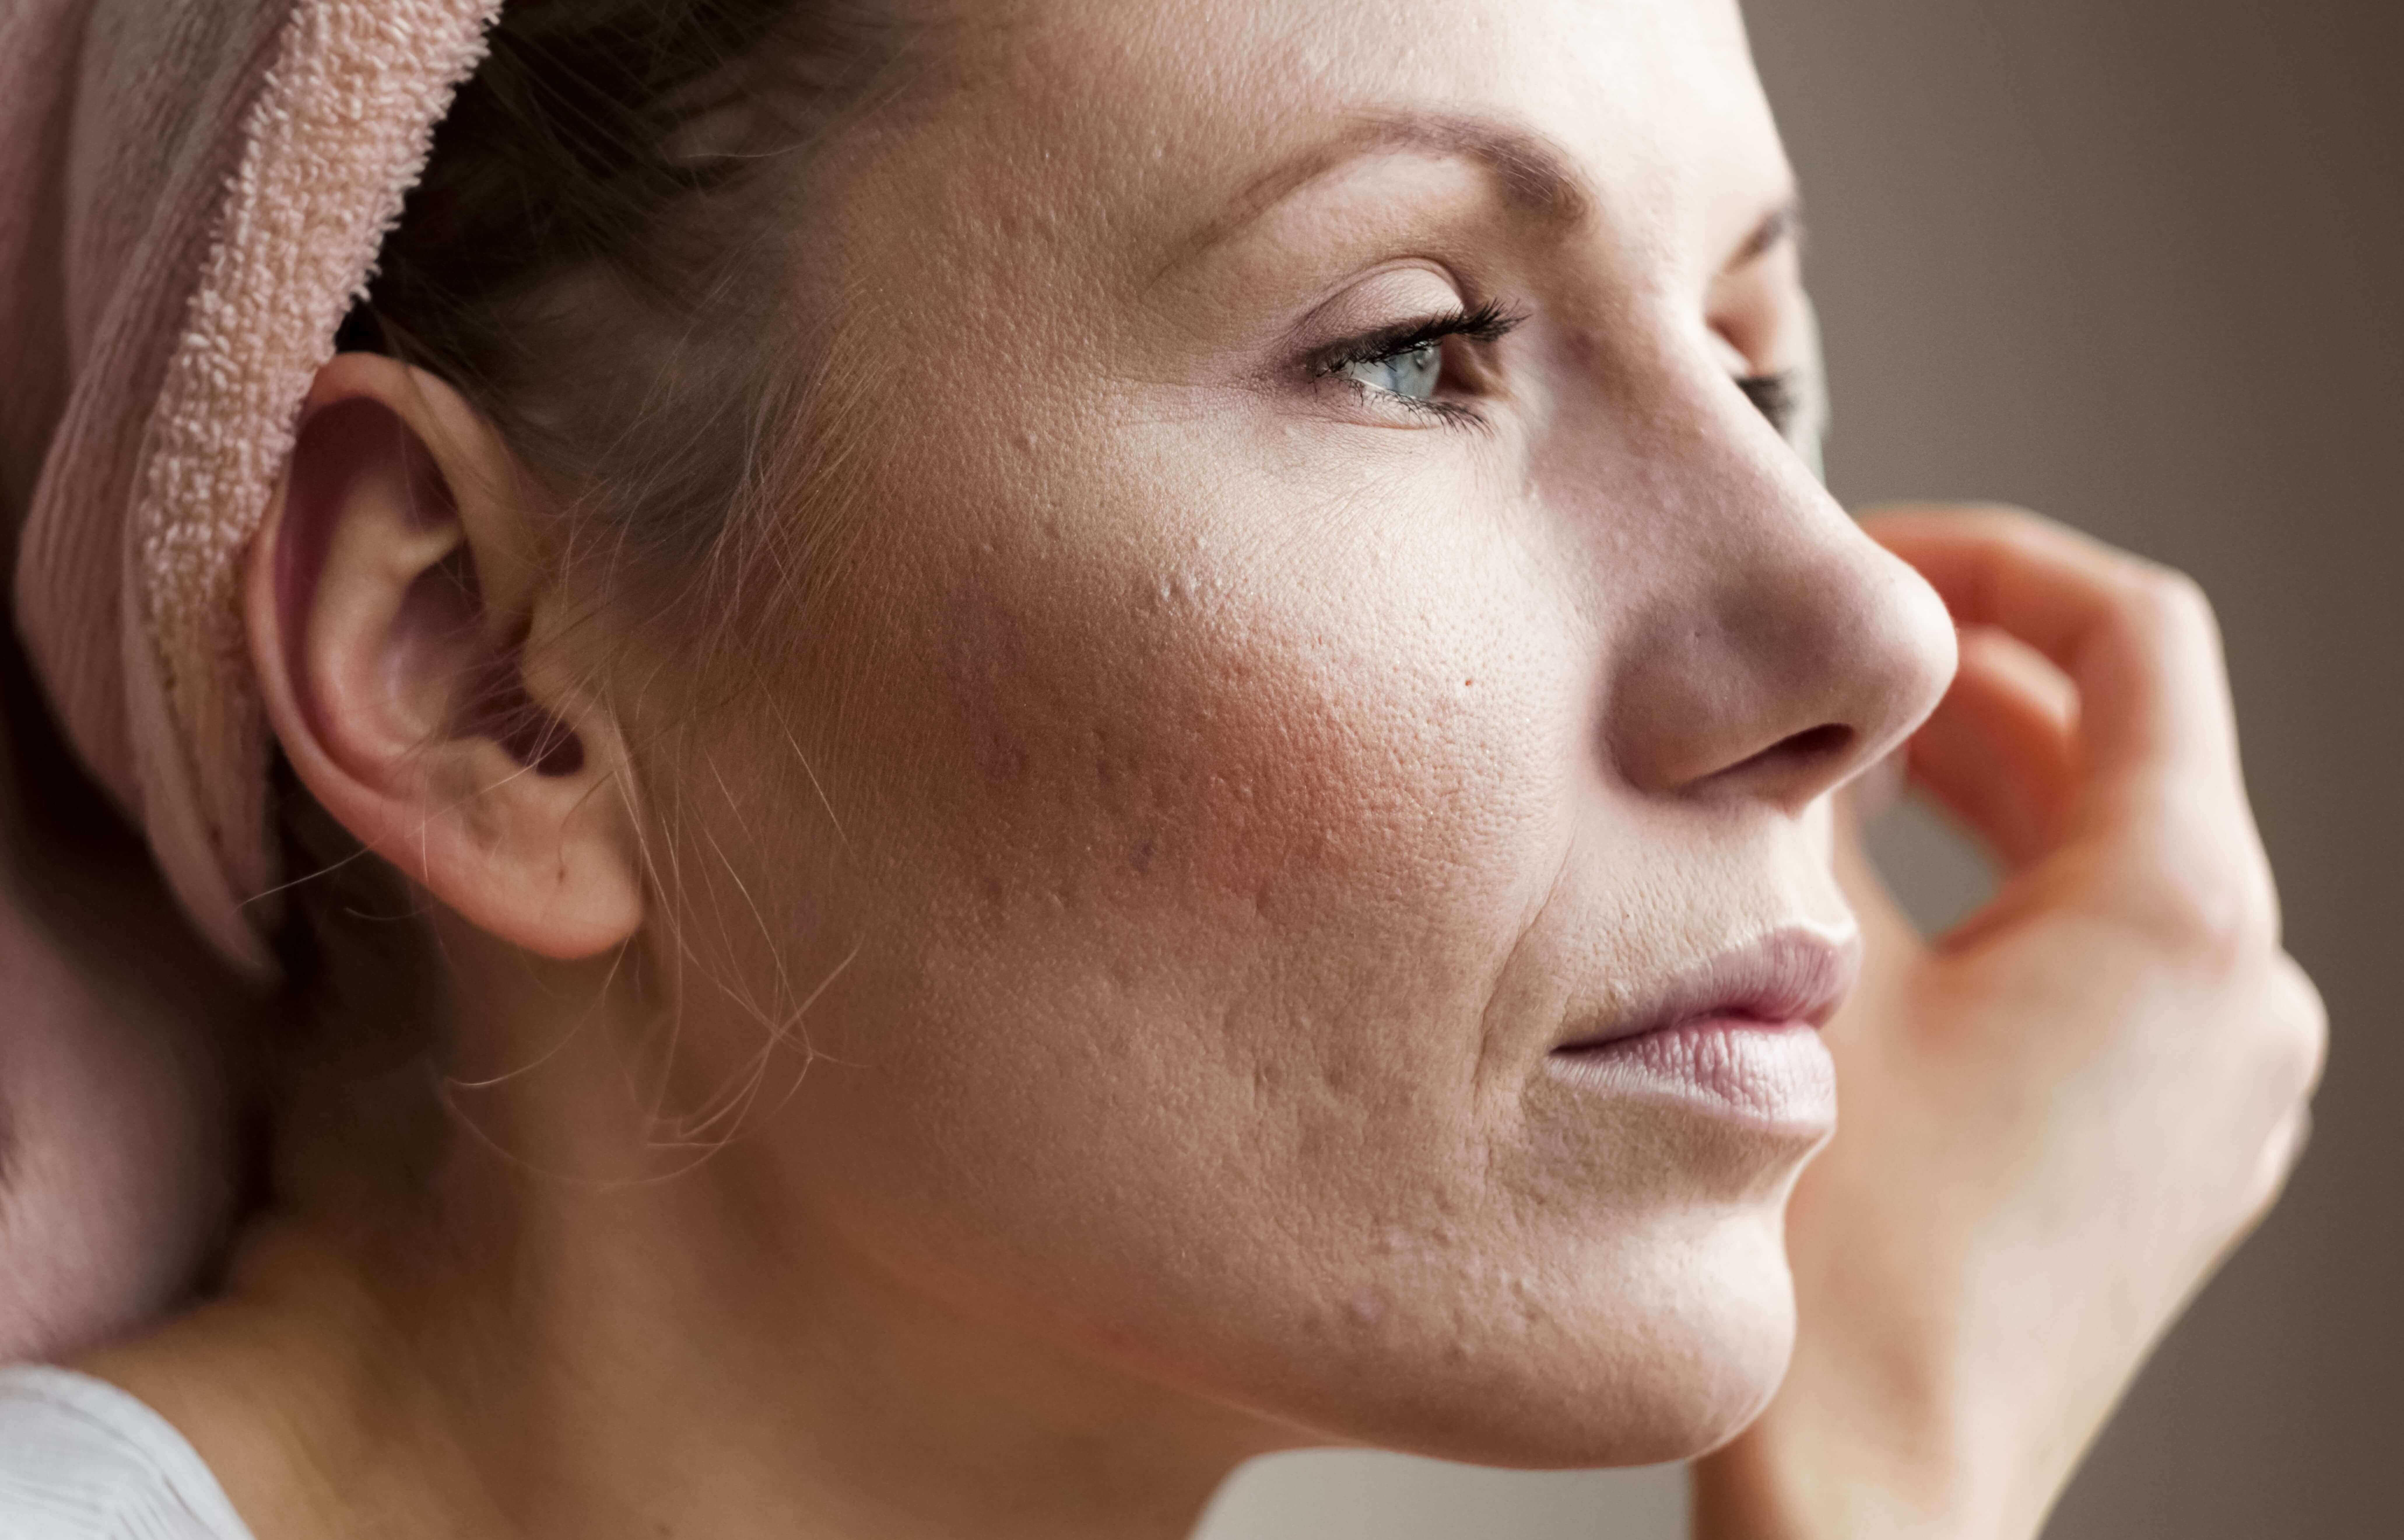 Прыщи на лице за какие органы отвечают у женщин